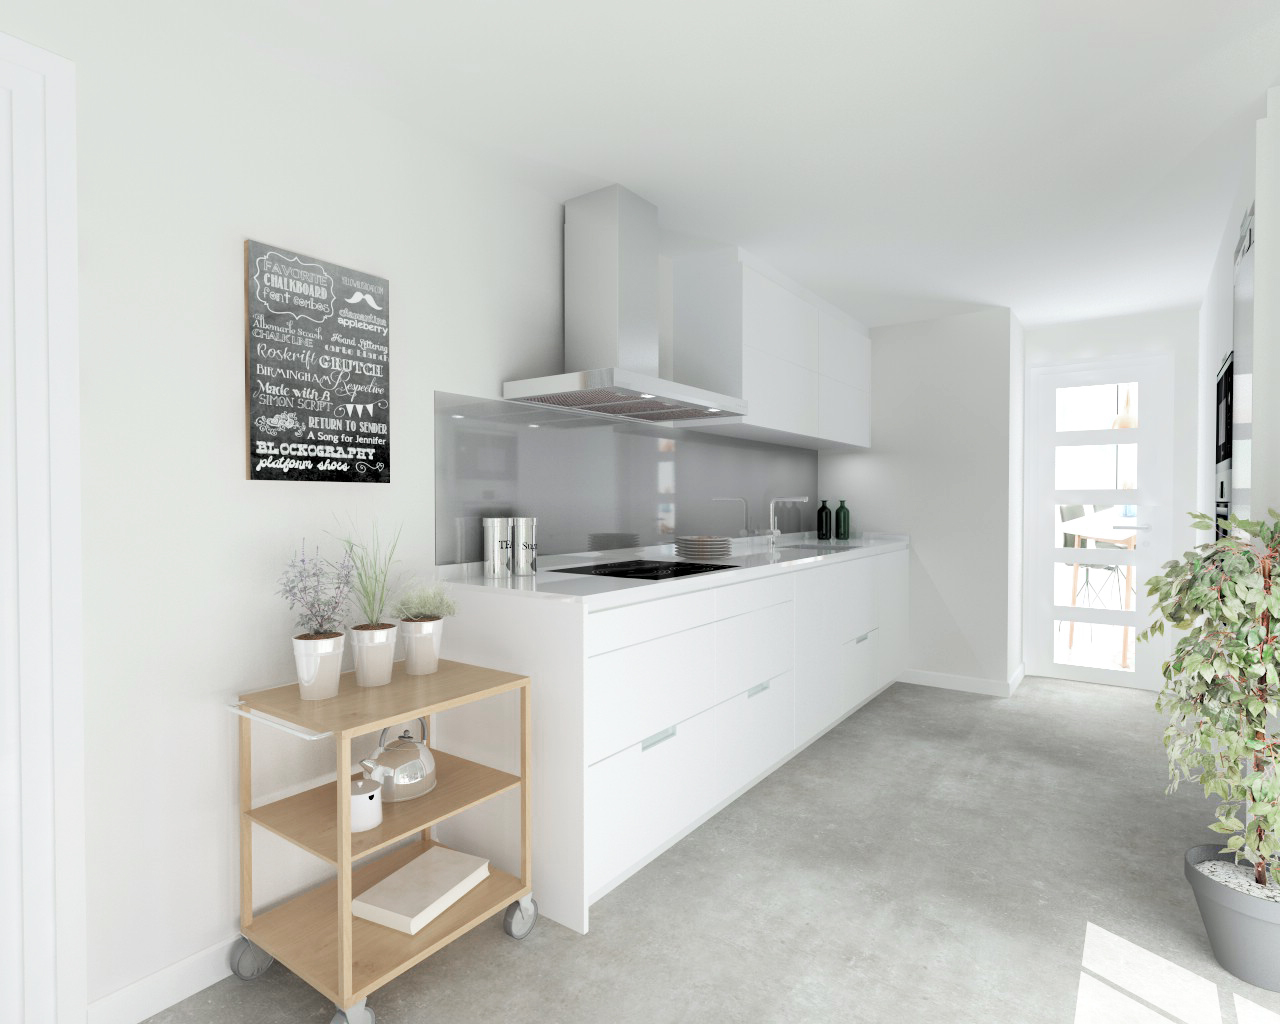 Imagen3 estudio cocinas dc - Encimera silestone blanco ...